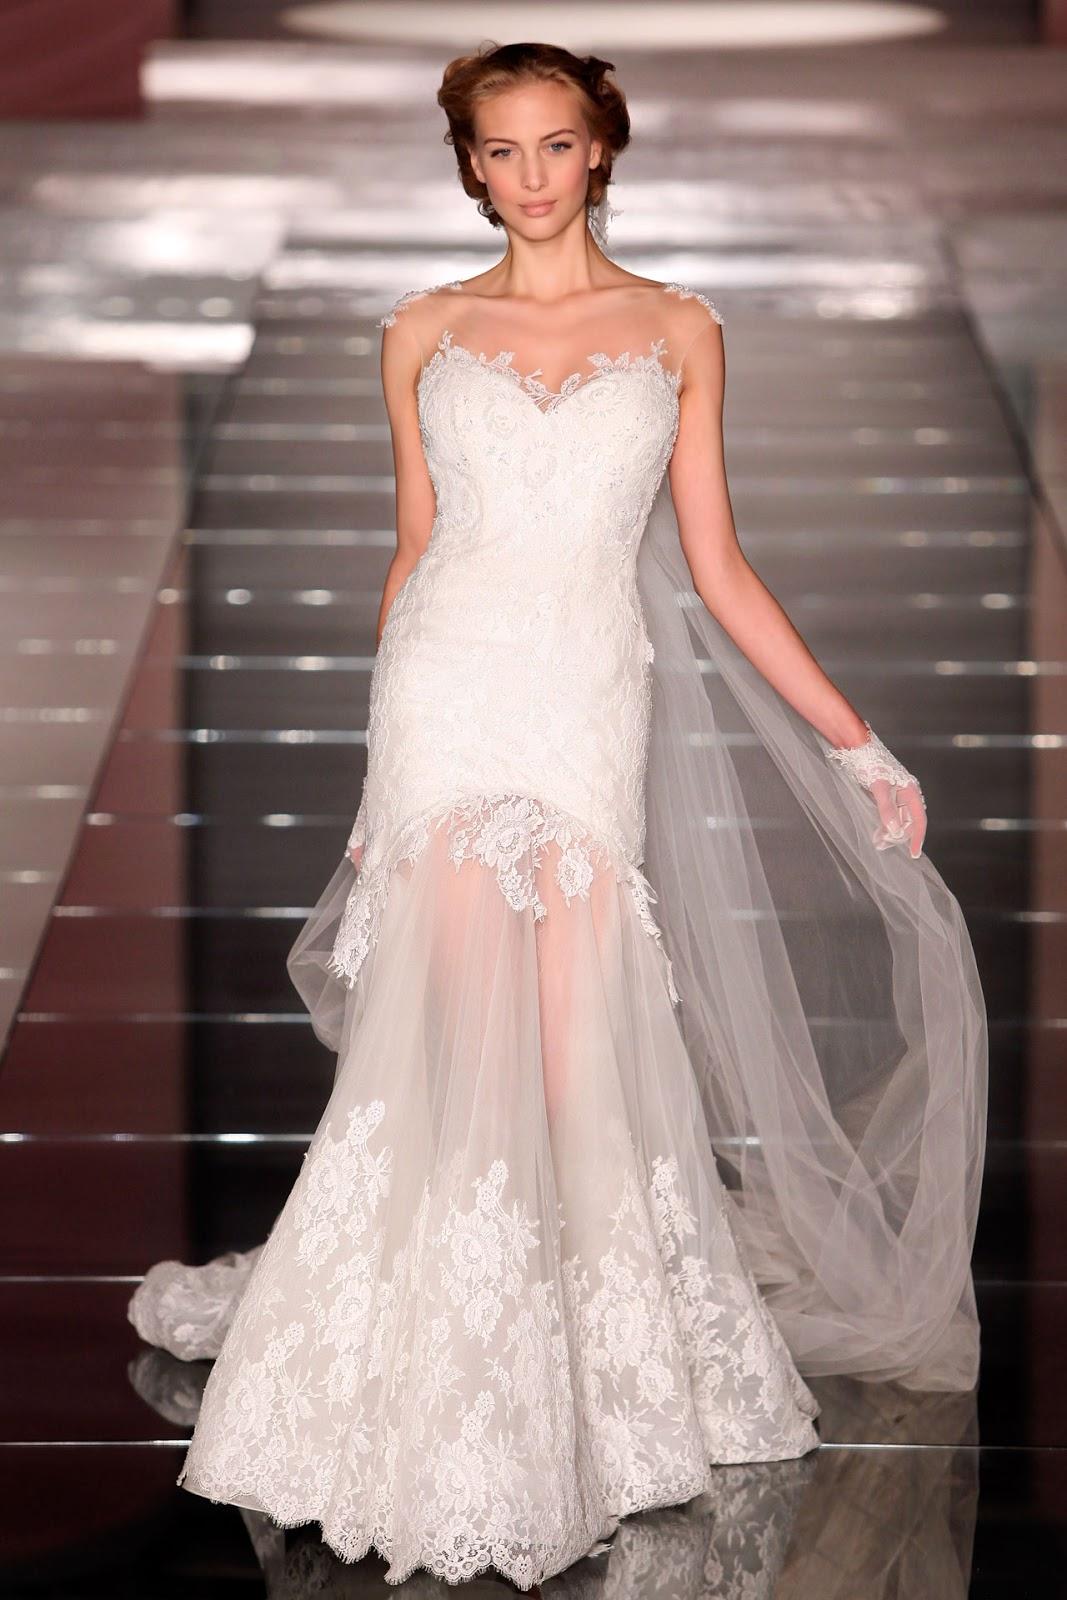 abiti sposa 2015 collezione Alessandra Rinaudo e temi per matrimonio